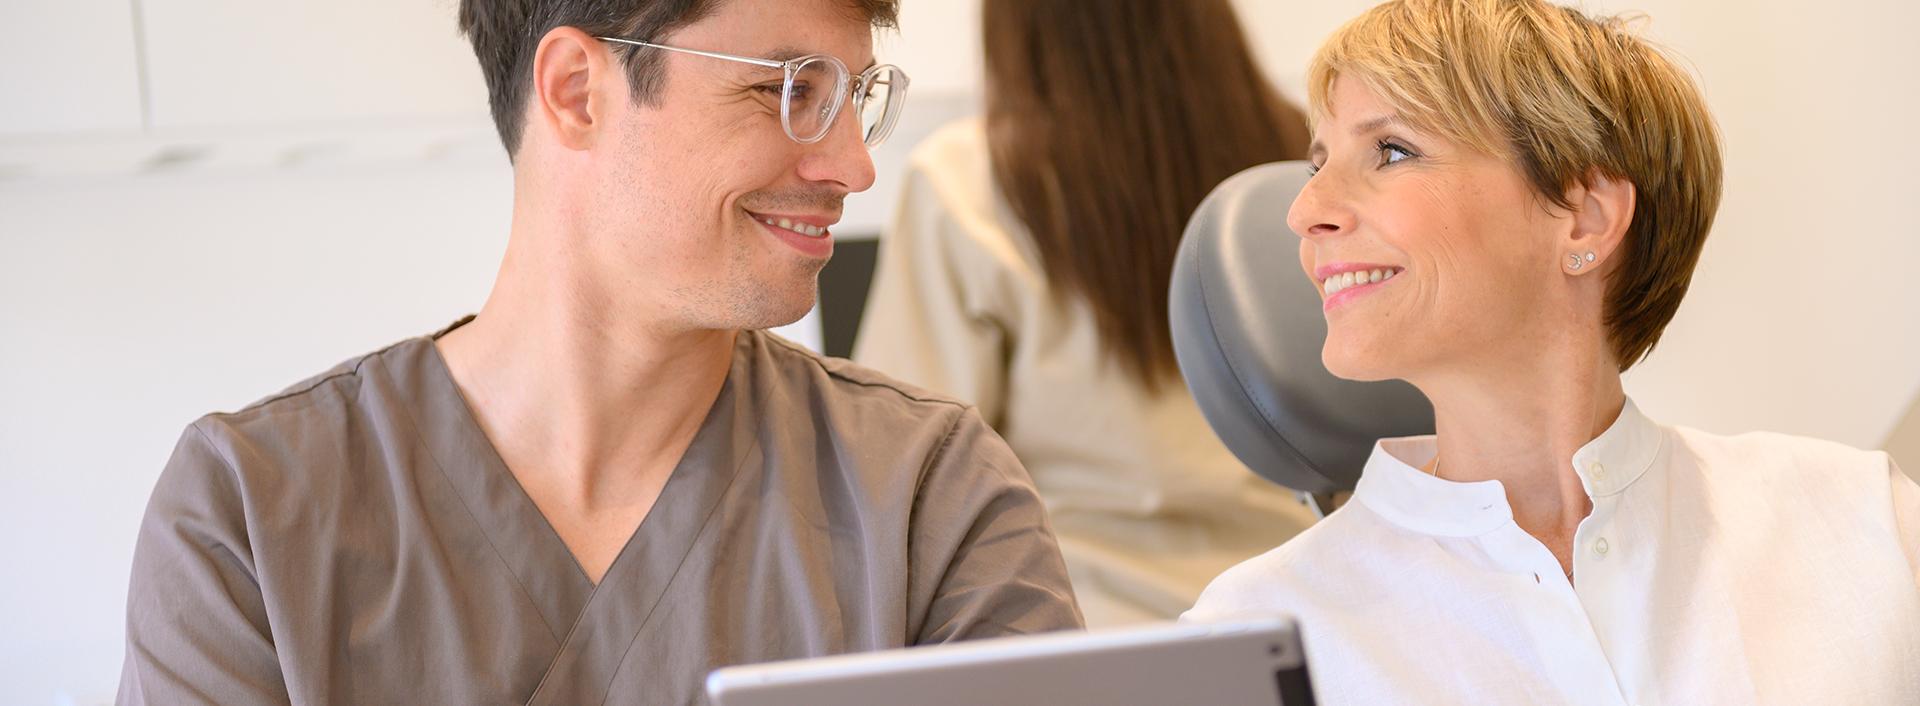 Arzt zeigt der Patientin etwas auf einem Tablet